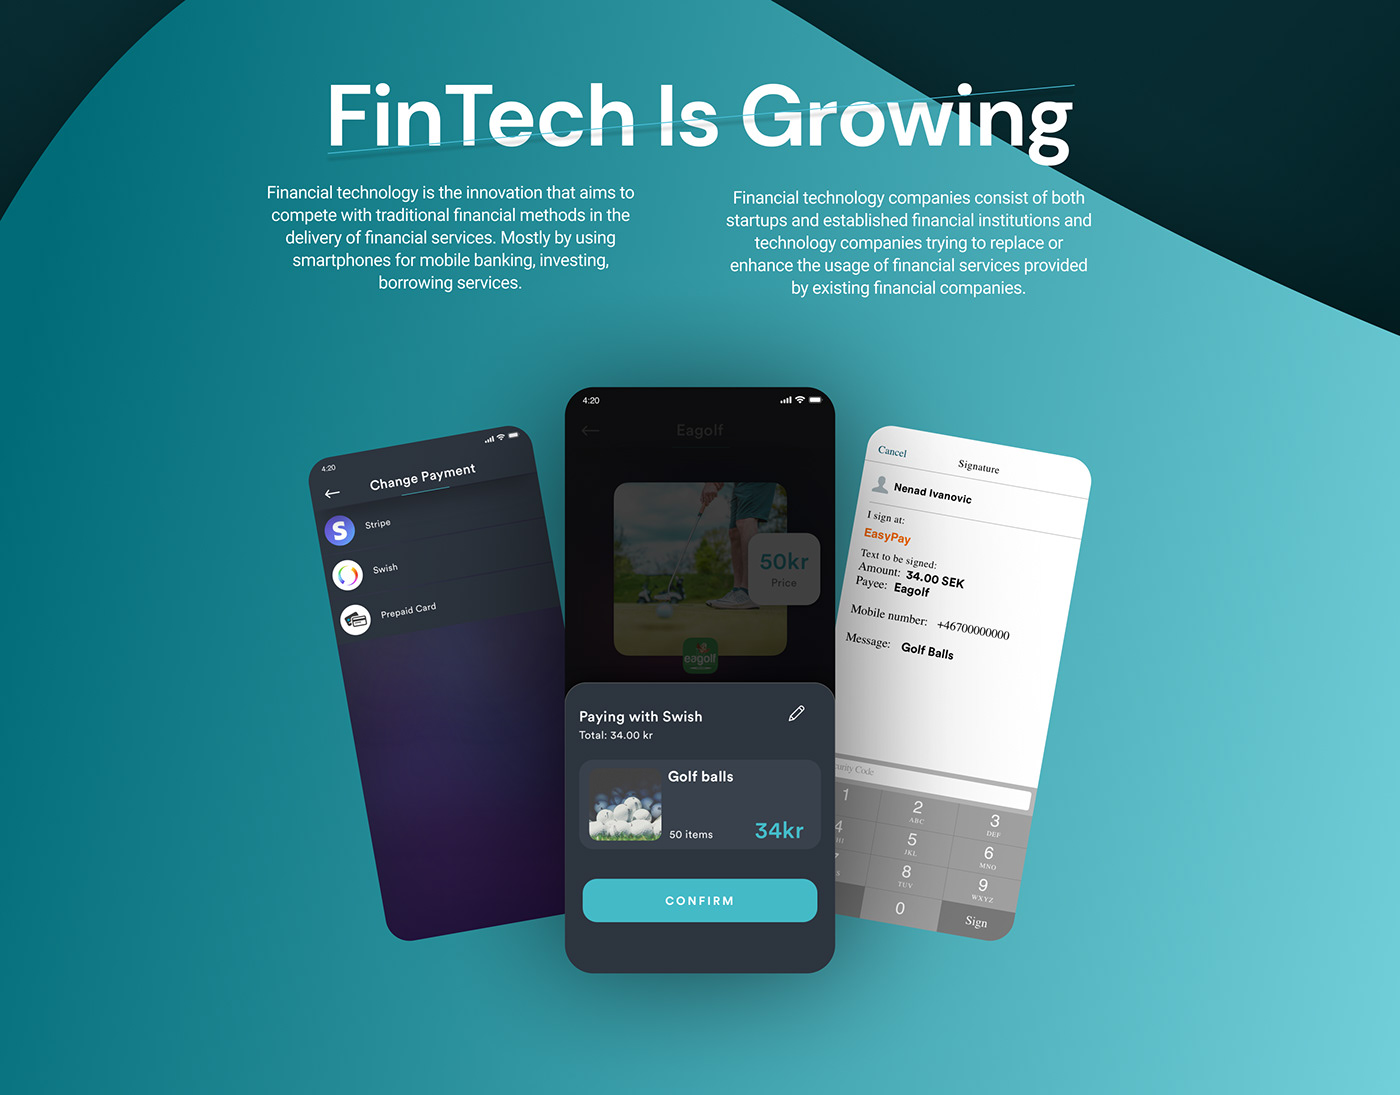 FinTech is growing